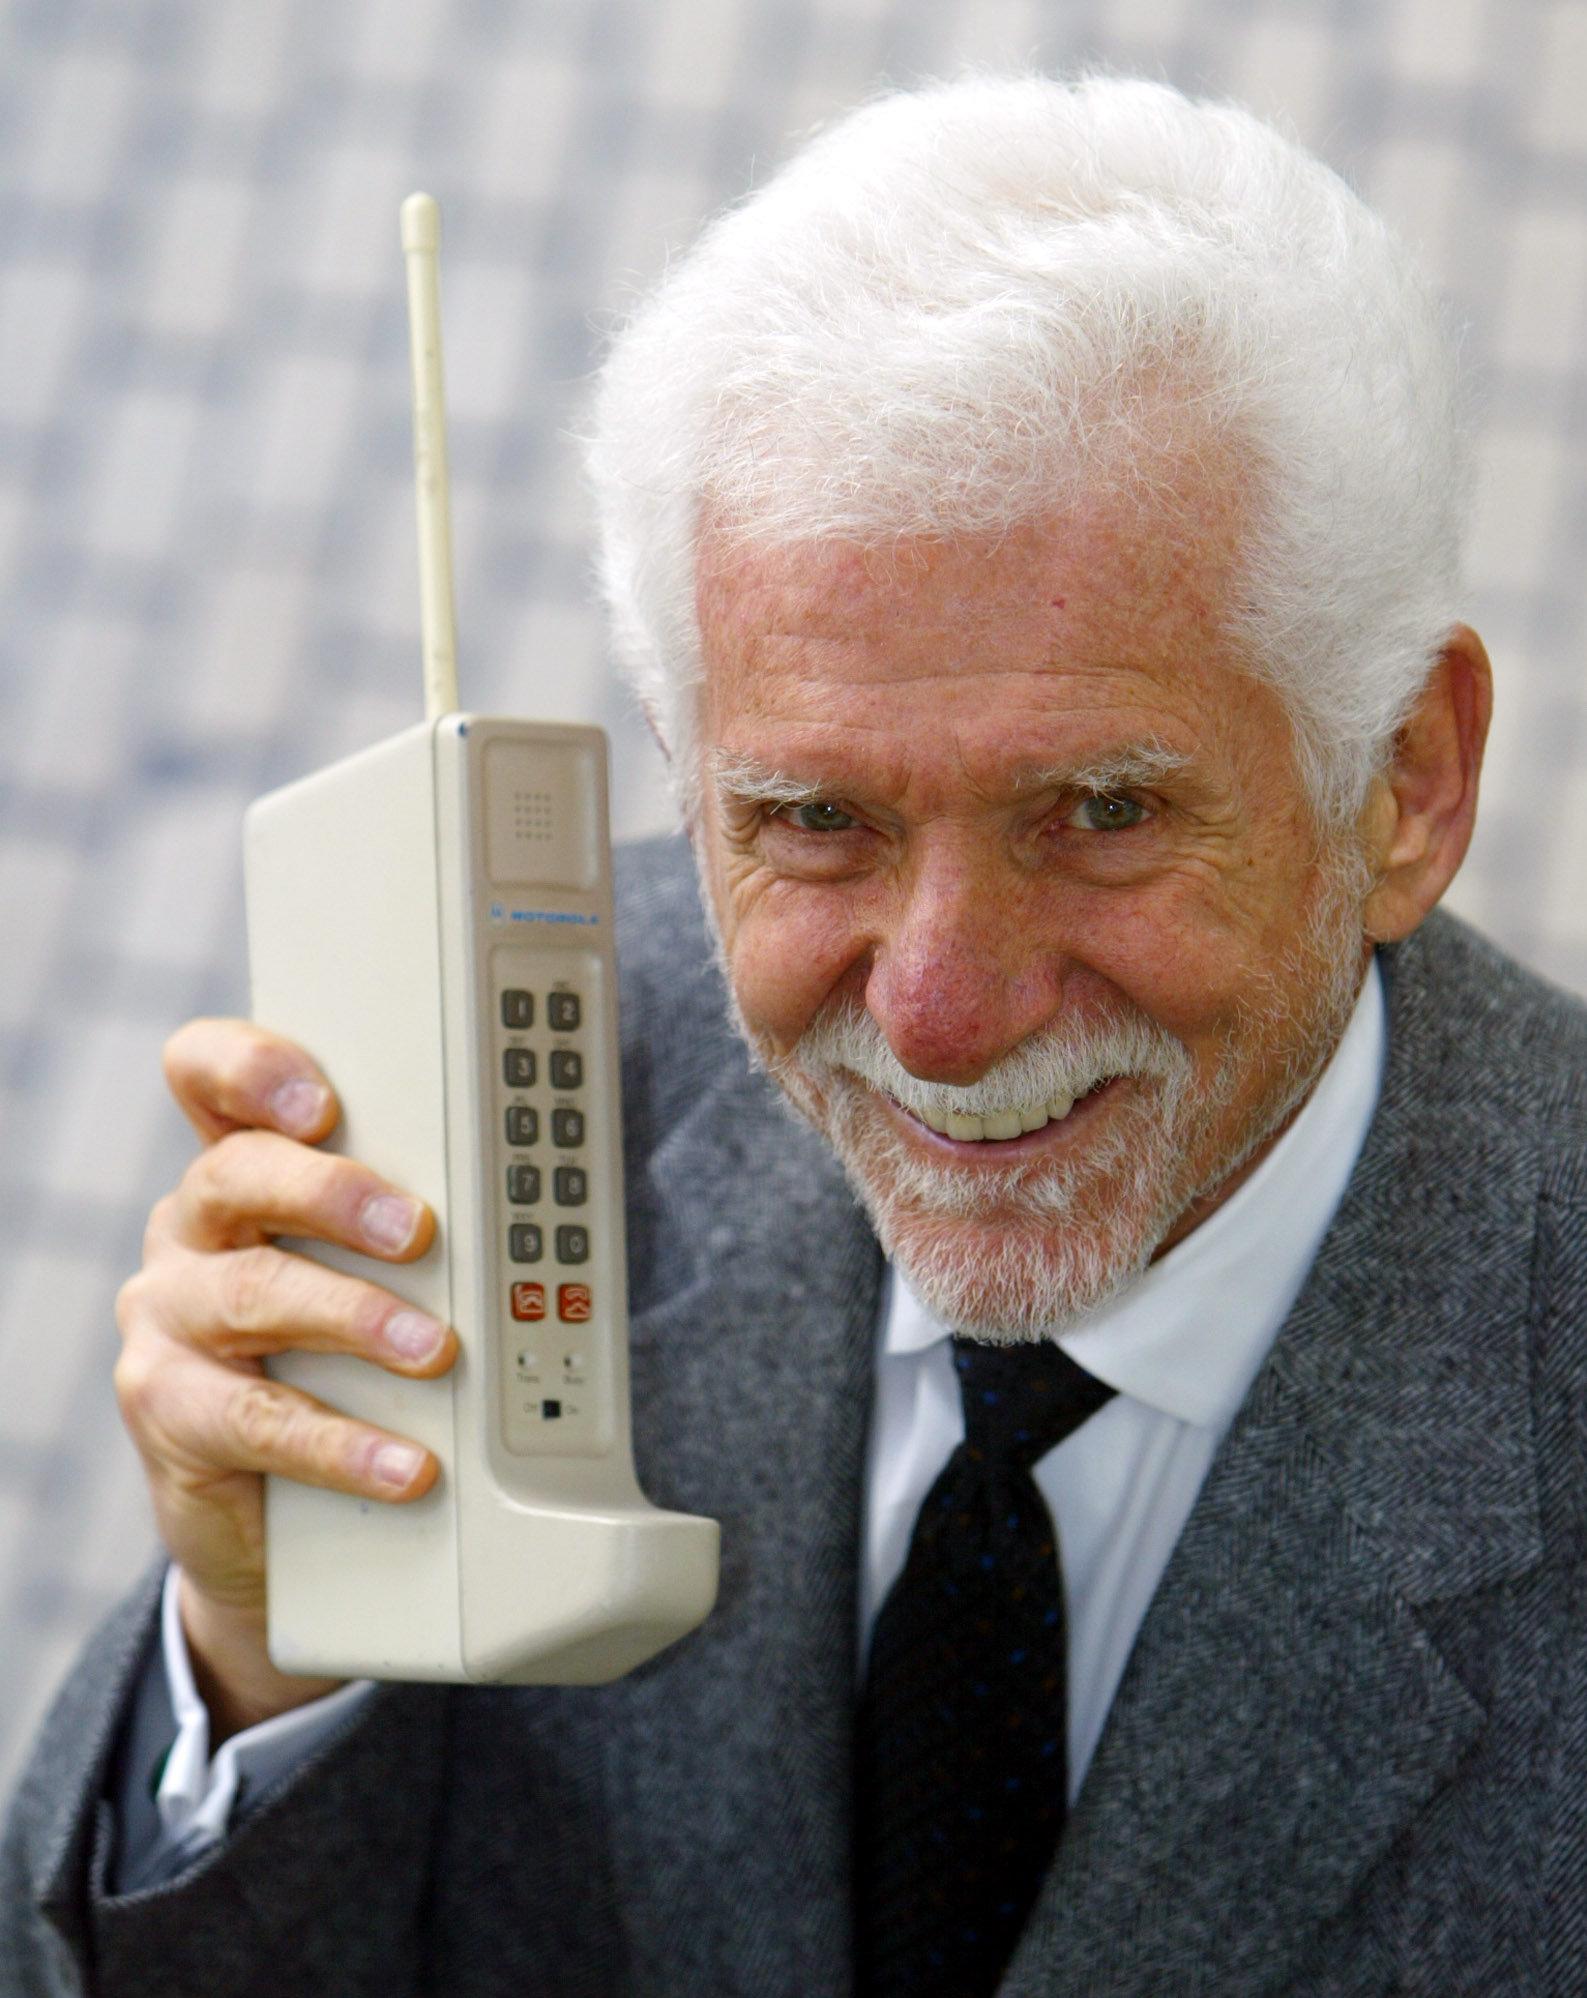 Cooper en 2003, cuando la primera llamada por celular cumplía 30 años